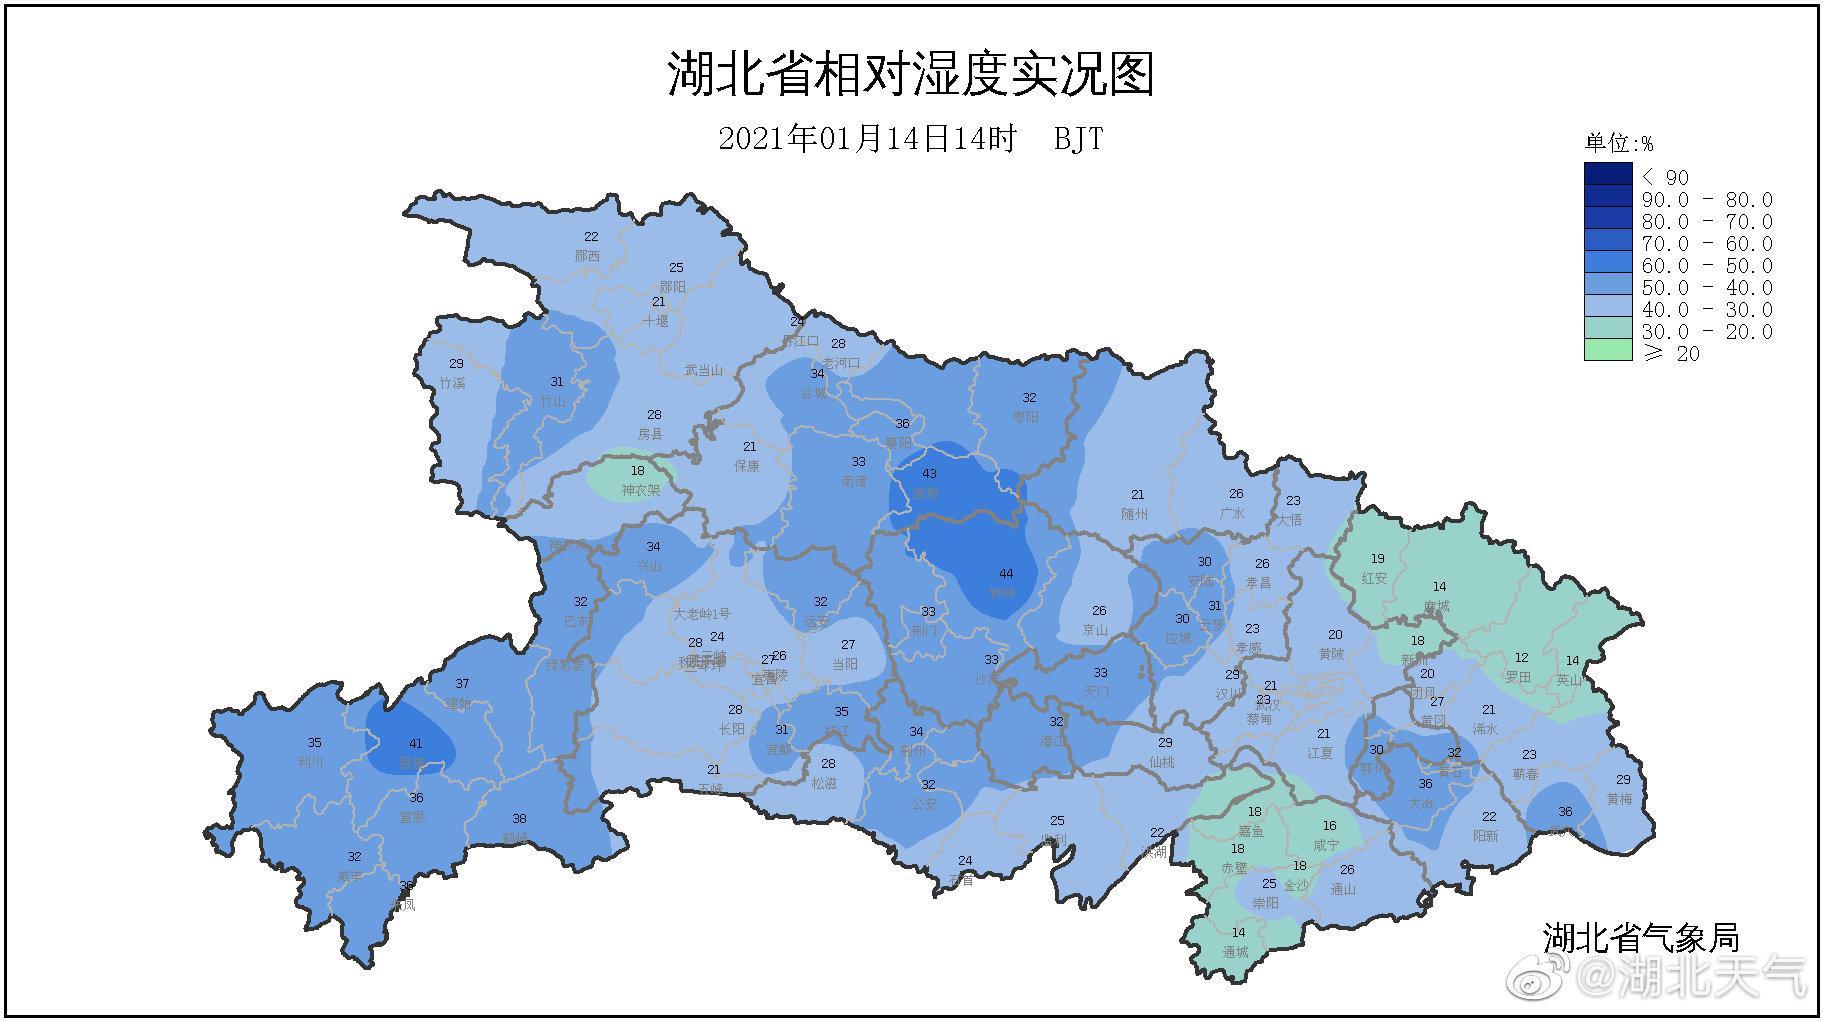 14时湖北大部分地区相对湿度仅20%%~40%,咸宁、黄冈、神农架不足20%